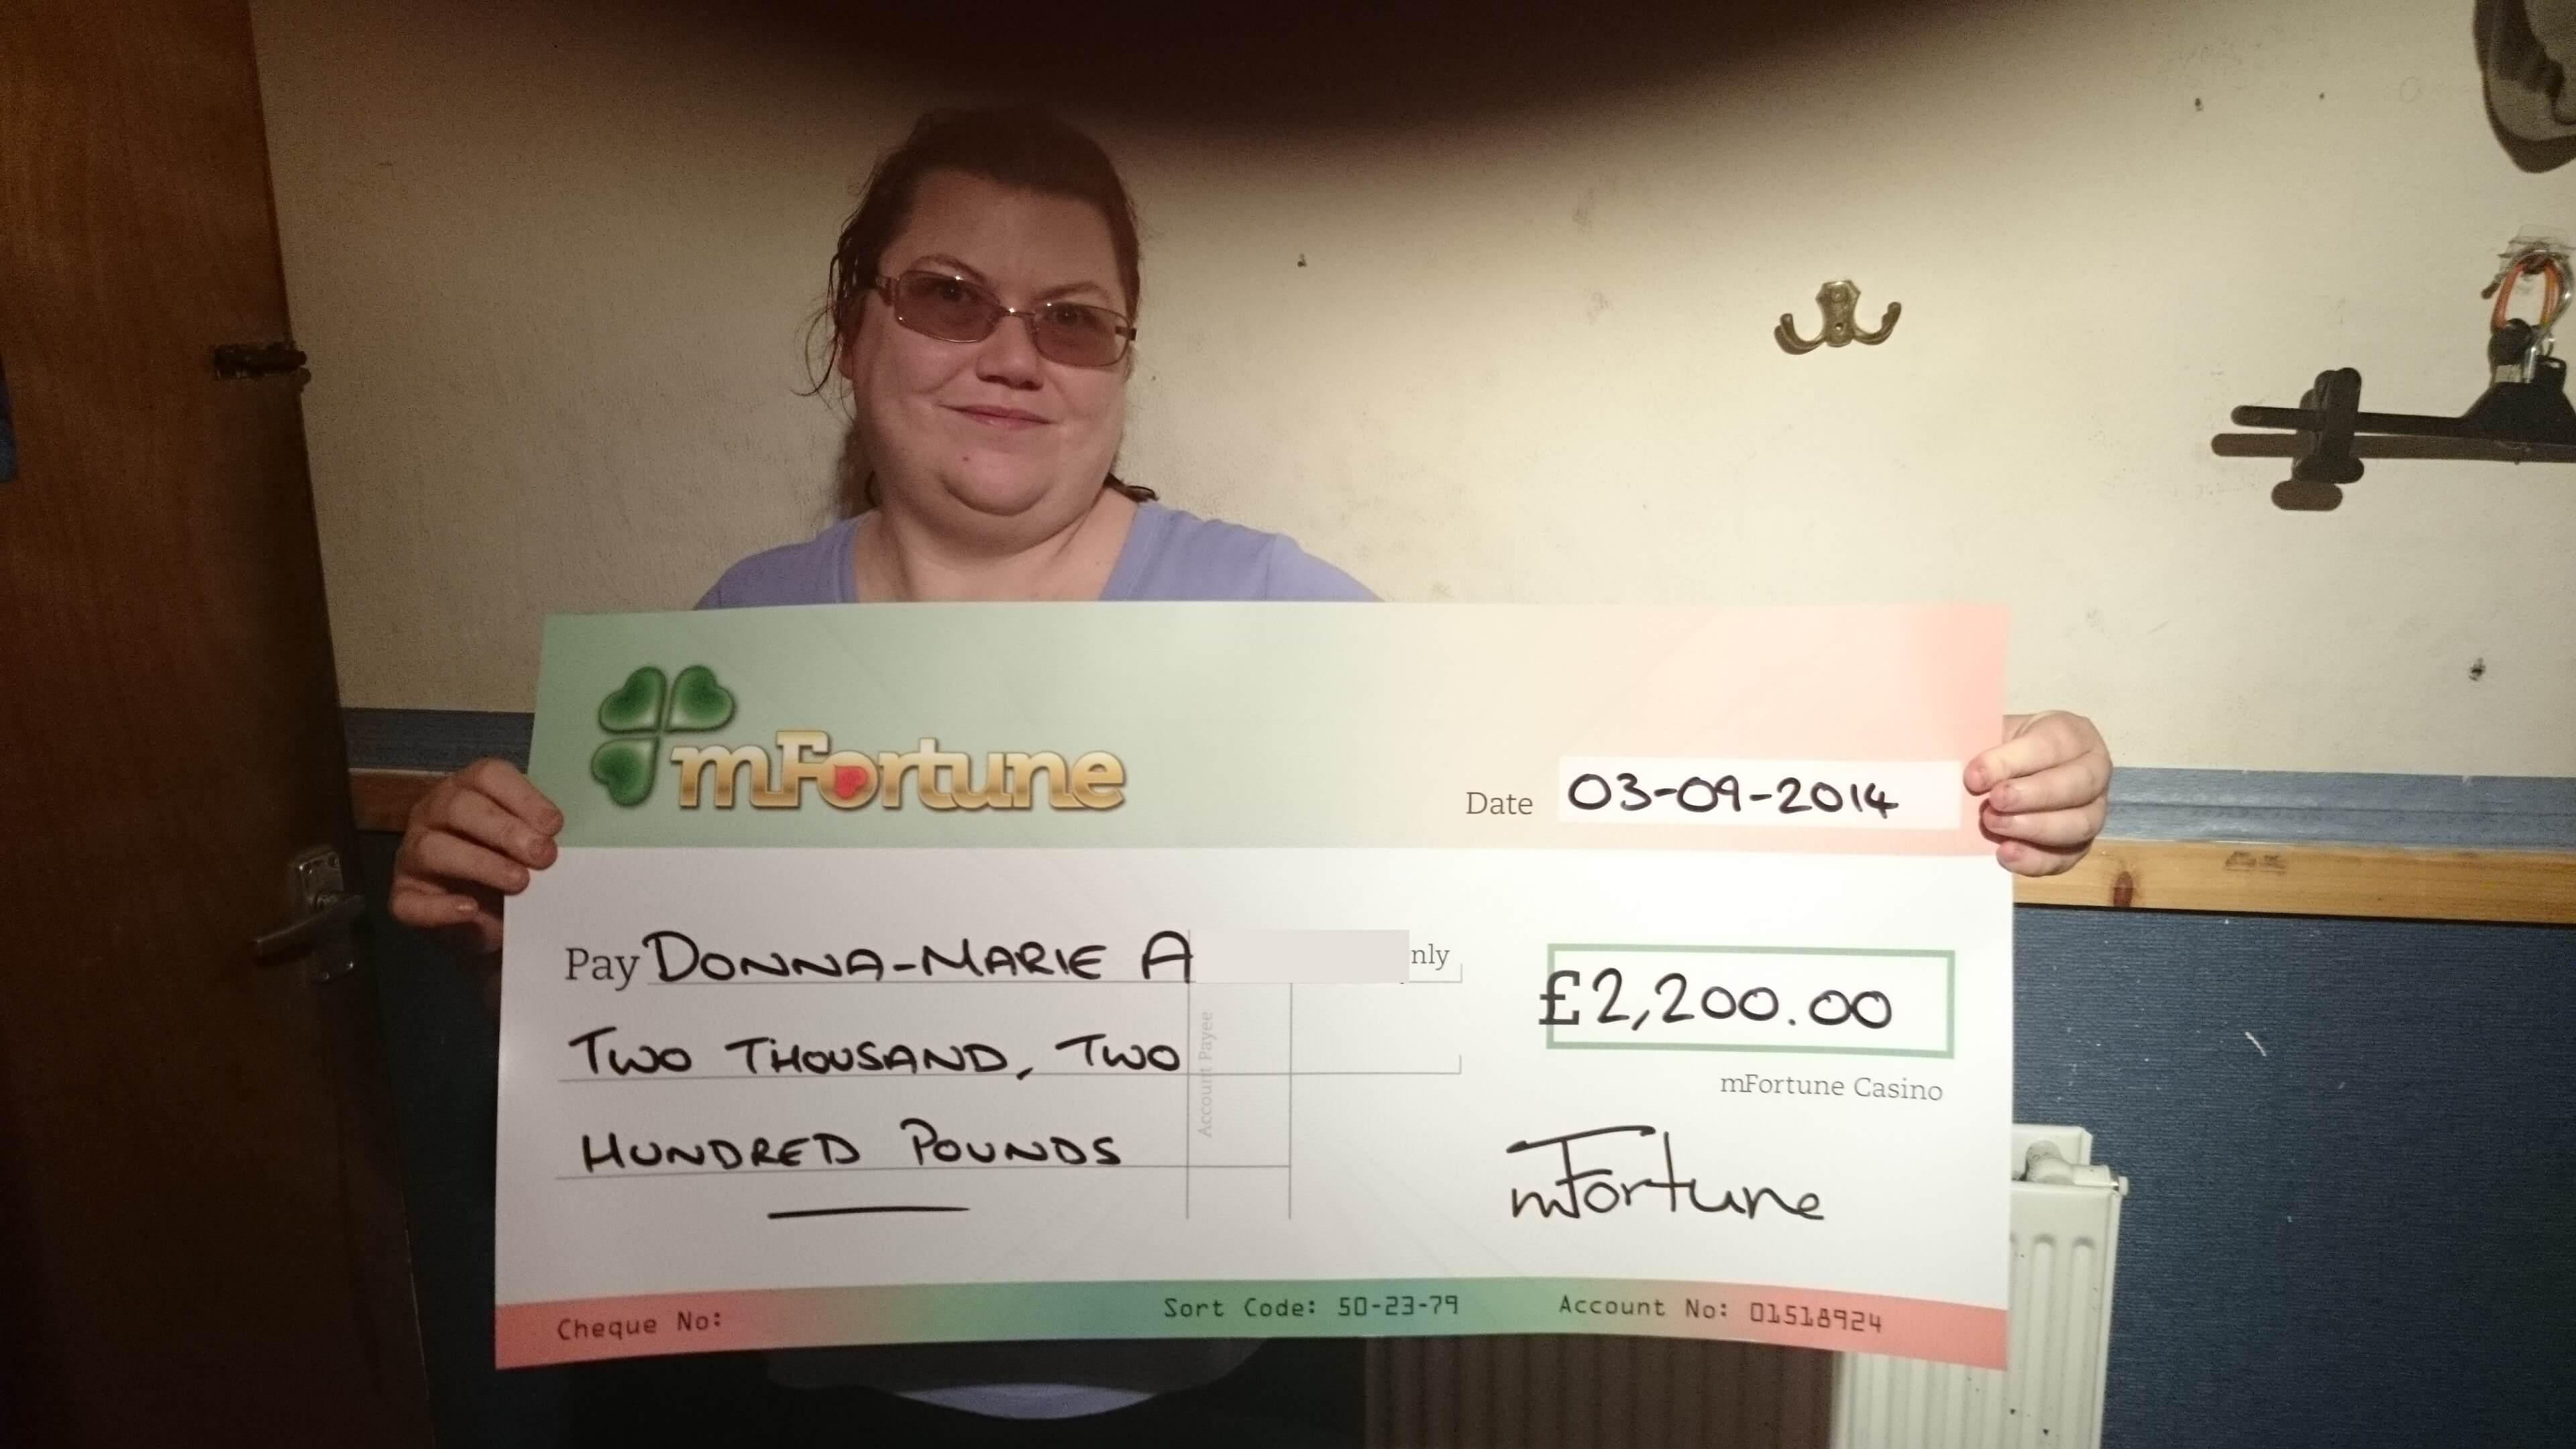 Donna A won £ 2,200